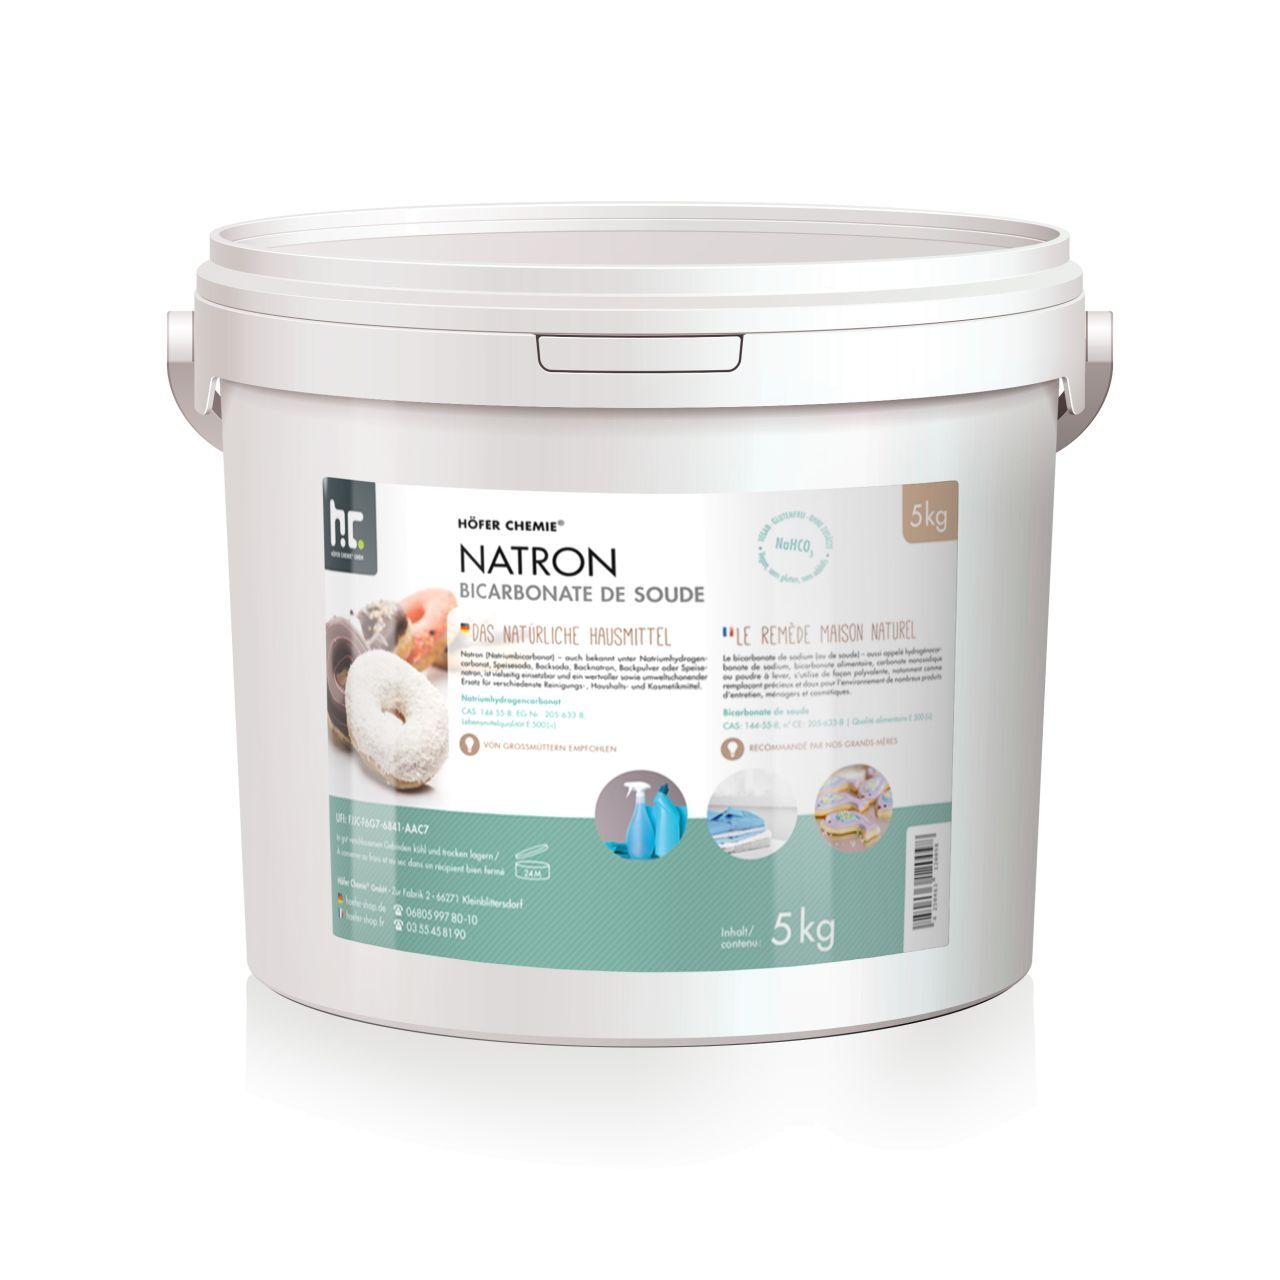 Höfer Chemie 20 kg de bicarbonate de sodium en qualité alimentaire (4 x 5 kg)